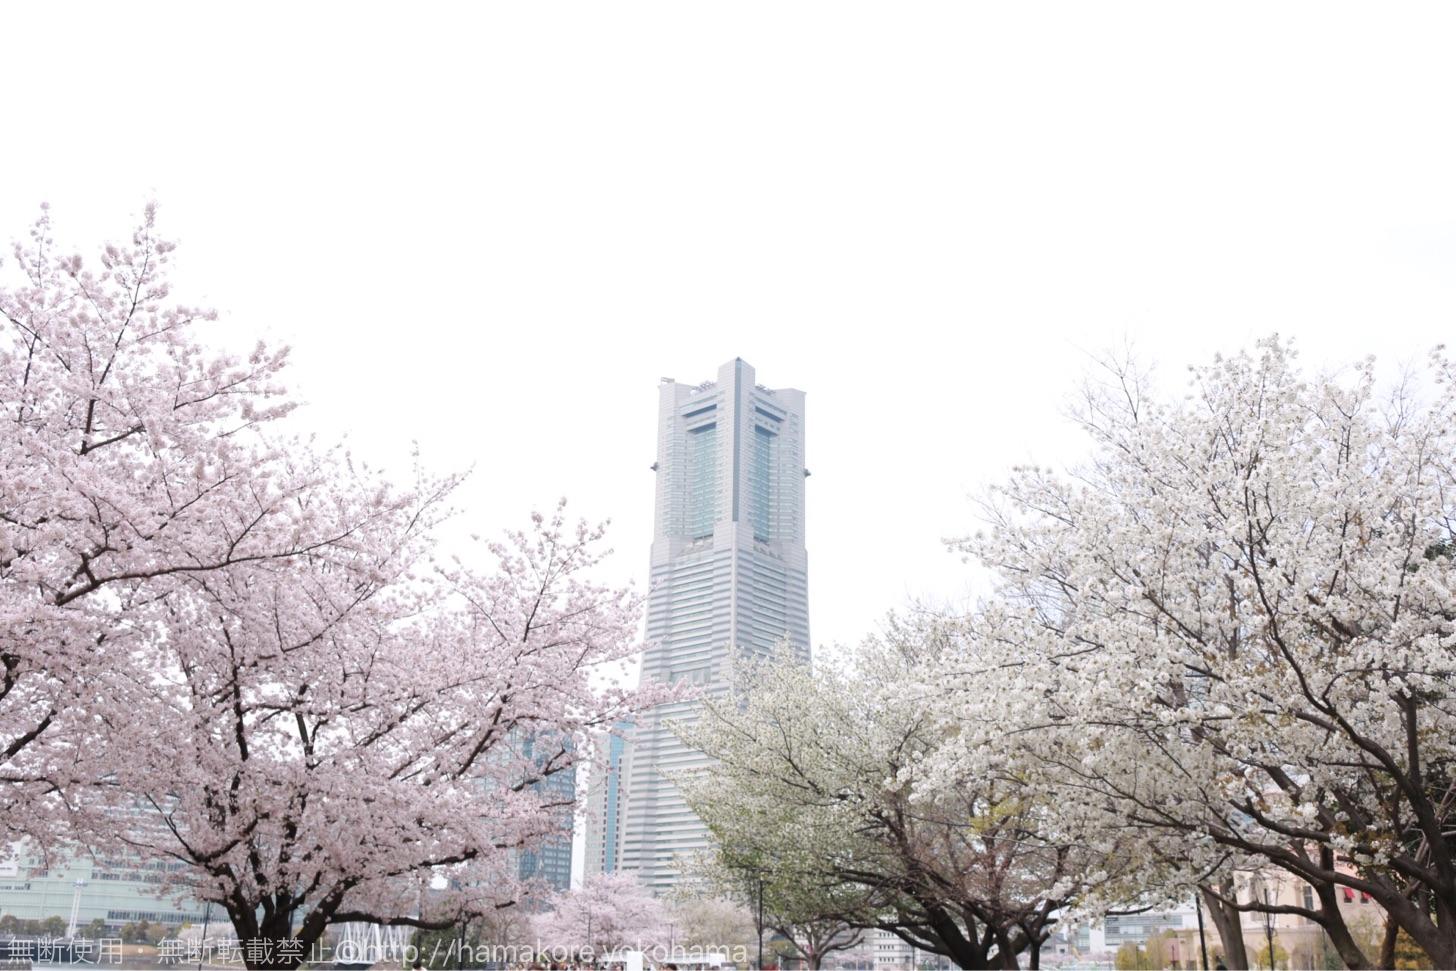 横浜ワールドポーターズの前の広場でお花見